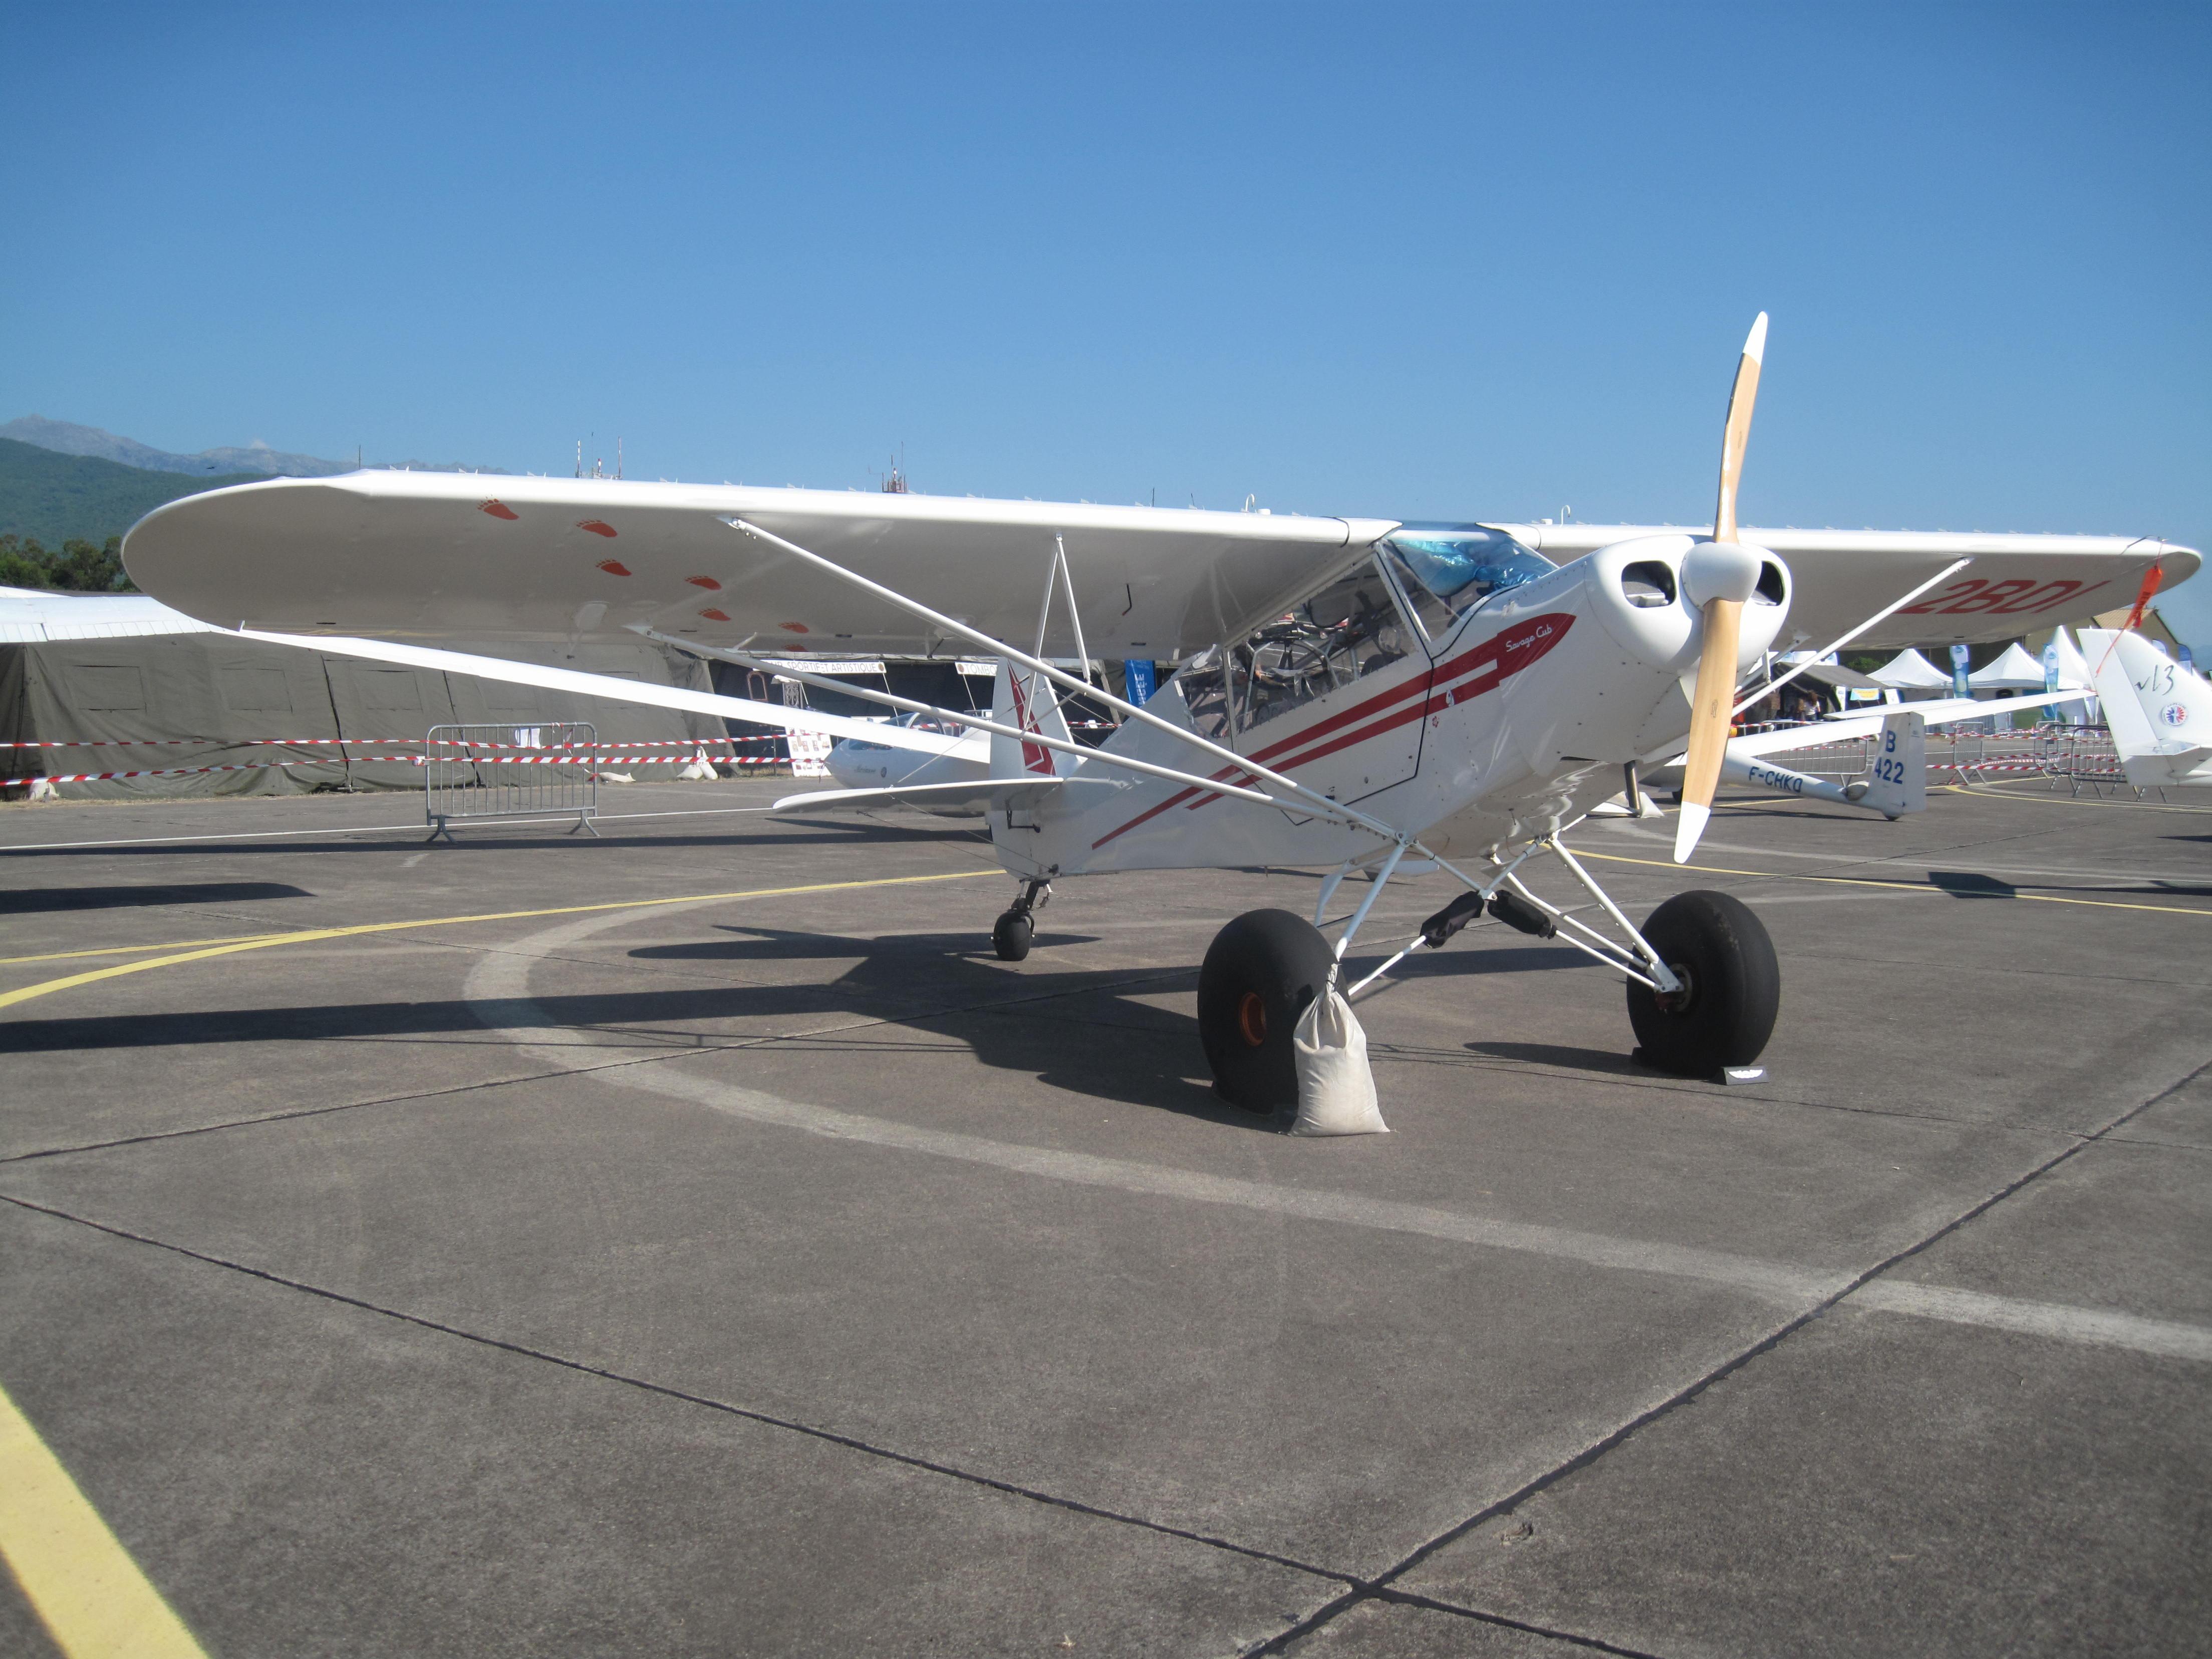 Un aéronef idéal pour la montagne! Une acquisition future?